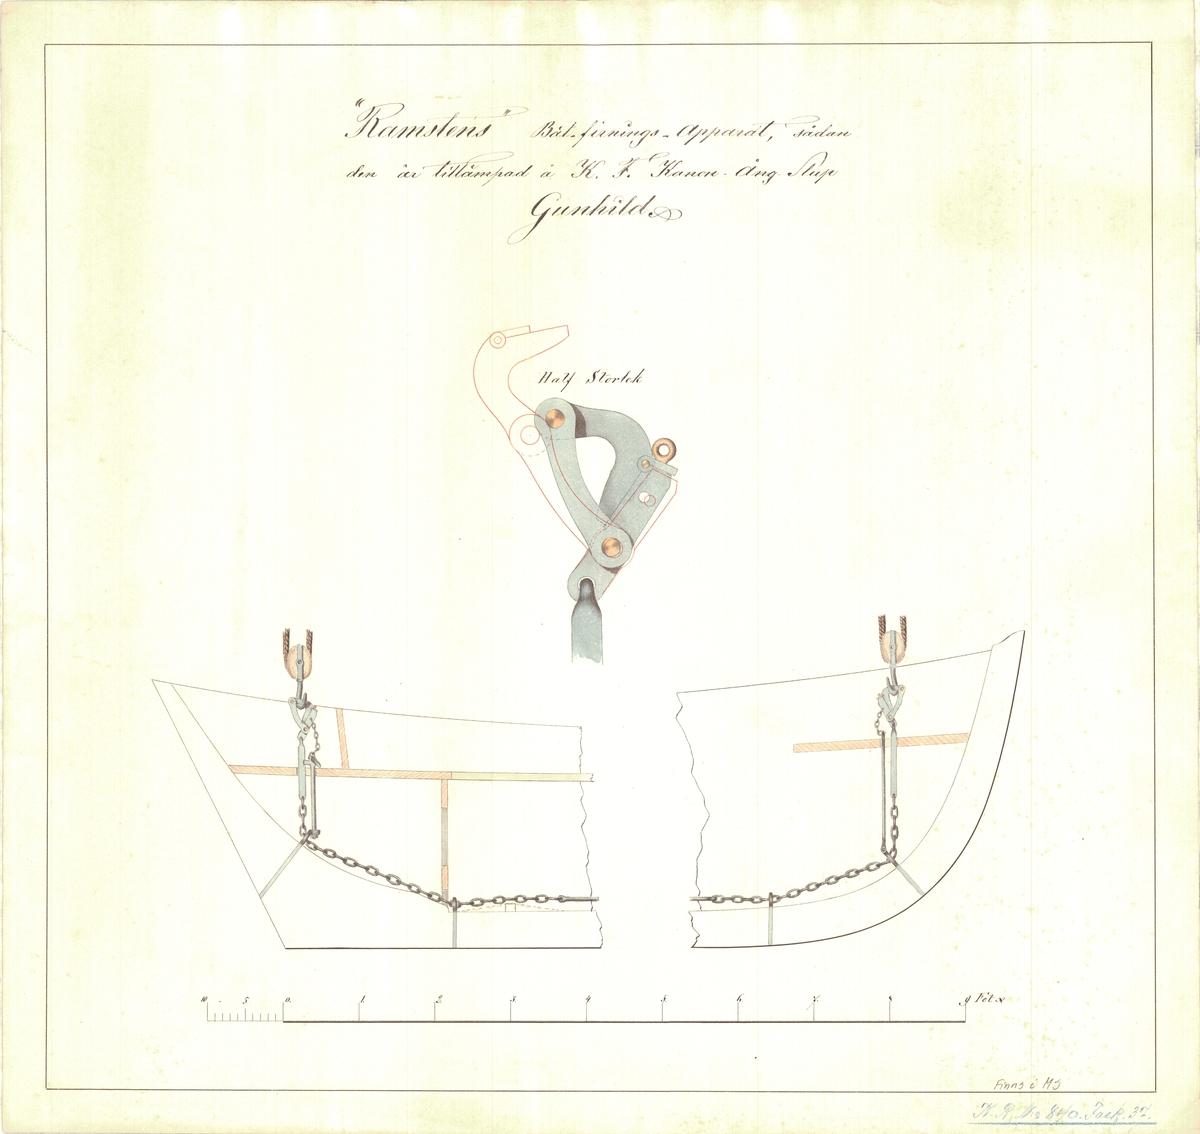 Ritning till Ramstens båtfirningsapparat, sådan den är tillämpad å Gunhild